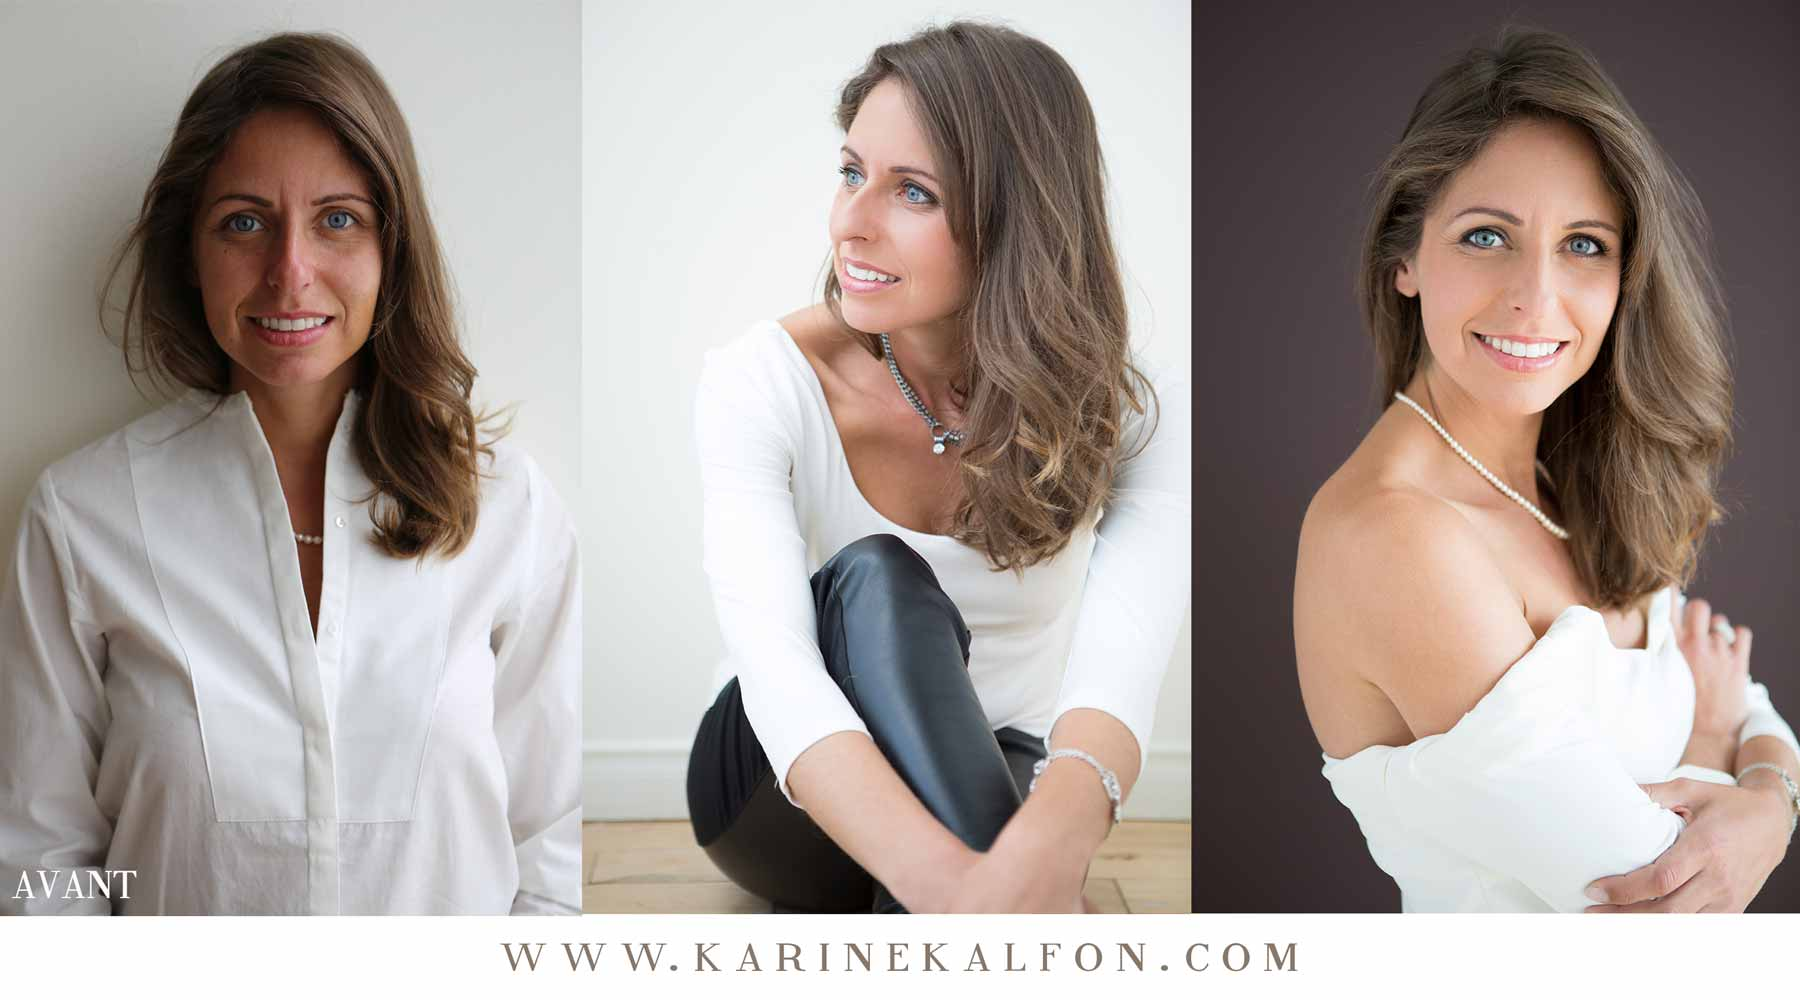 Karine_Kalfon_Portrait_20